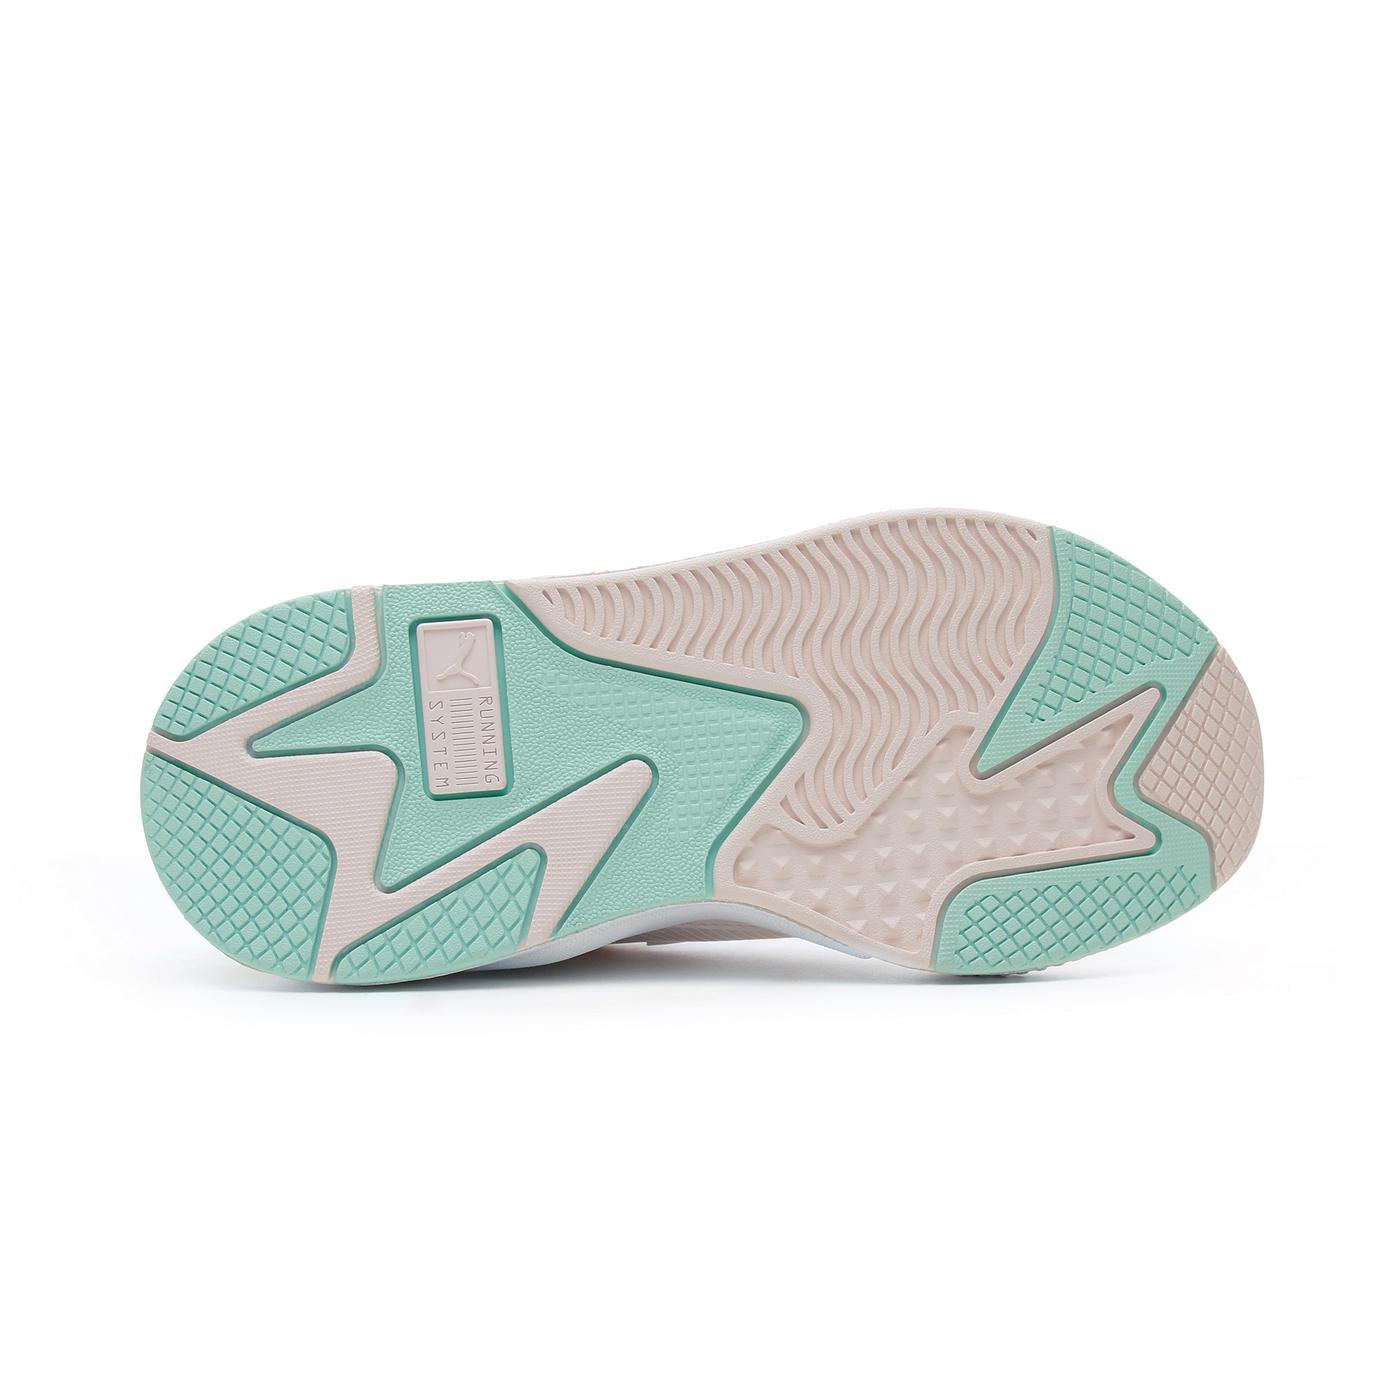 Puma RS-X Collegiate Kadın Bej-Yeşil Spor Ayakkabı